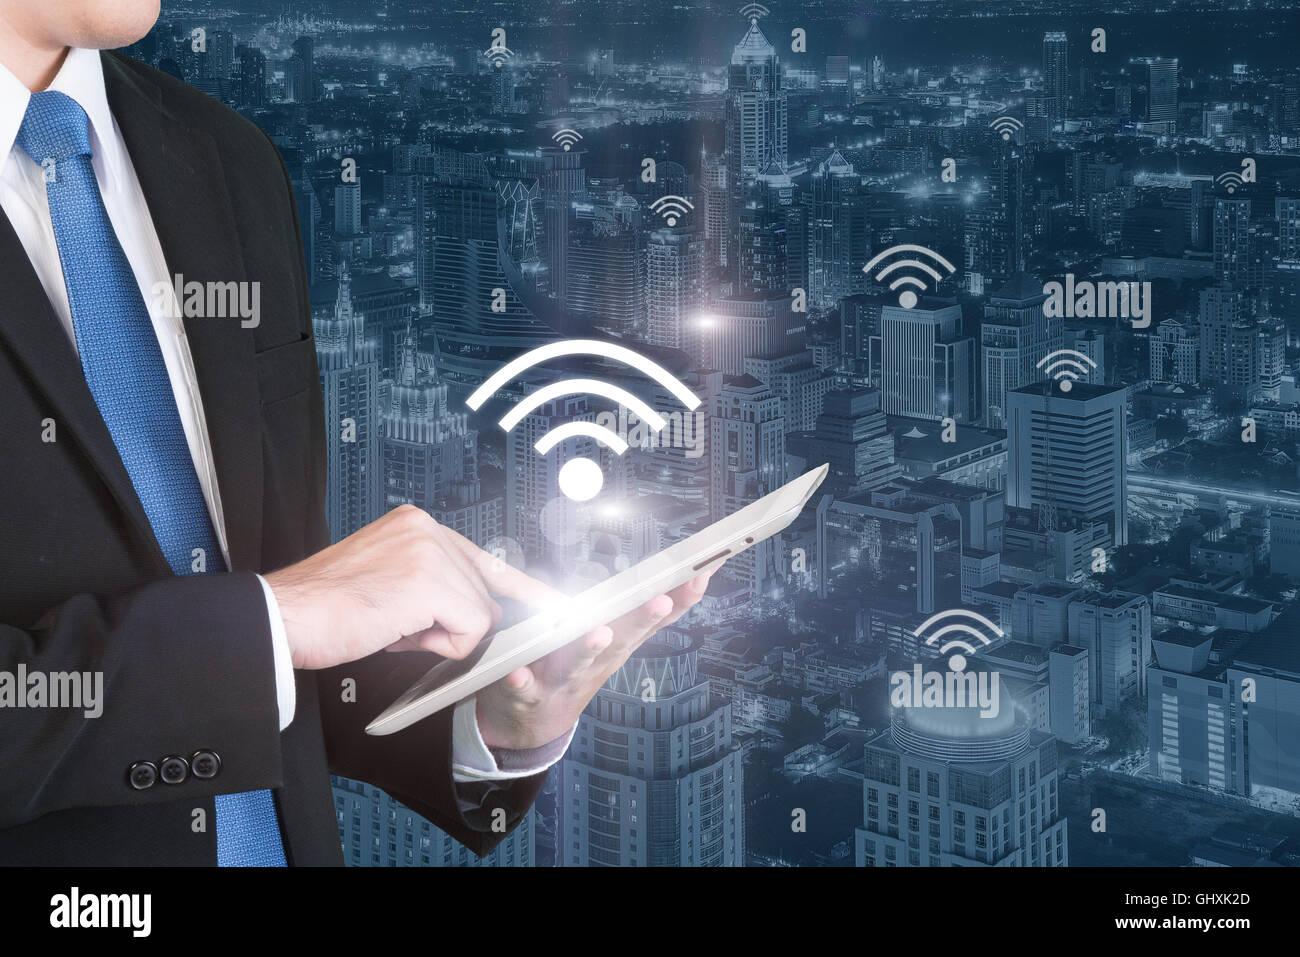 Concepto de tecnología empresarial - hombre de negocios digitales de prensa de tabletas para la conexión Imagen De Stock